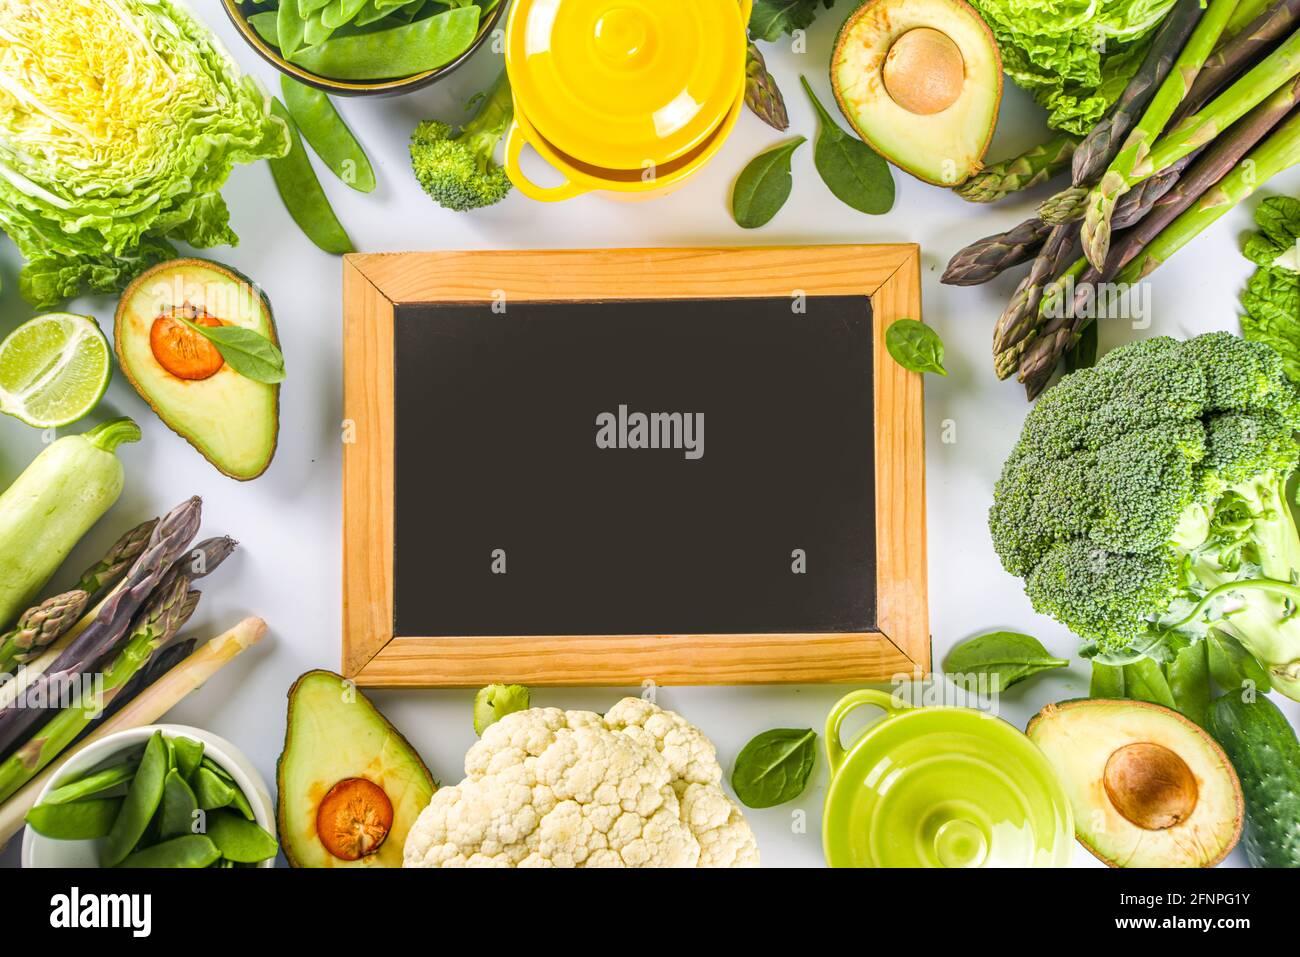 Divers ingrédients biologiques de légumes de printemps verts avec pots de cuisson colorés vides sur table de cuisine blanche, vue du dessus. Soupe saine alimentation, ste Banque D'Images